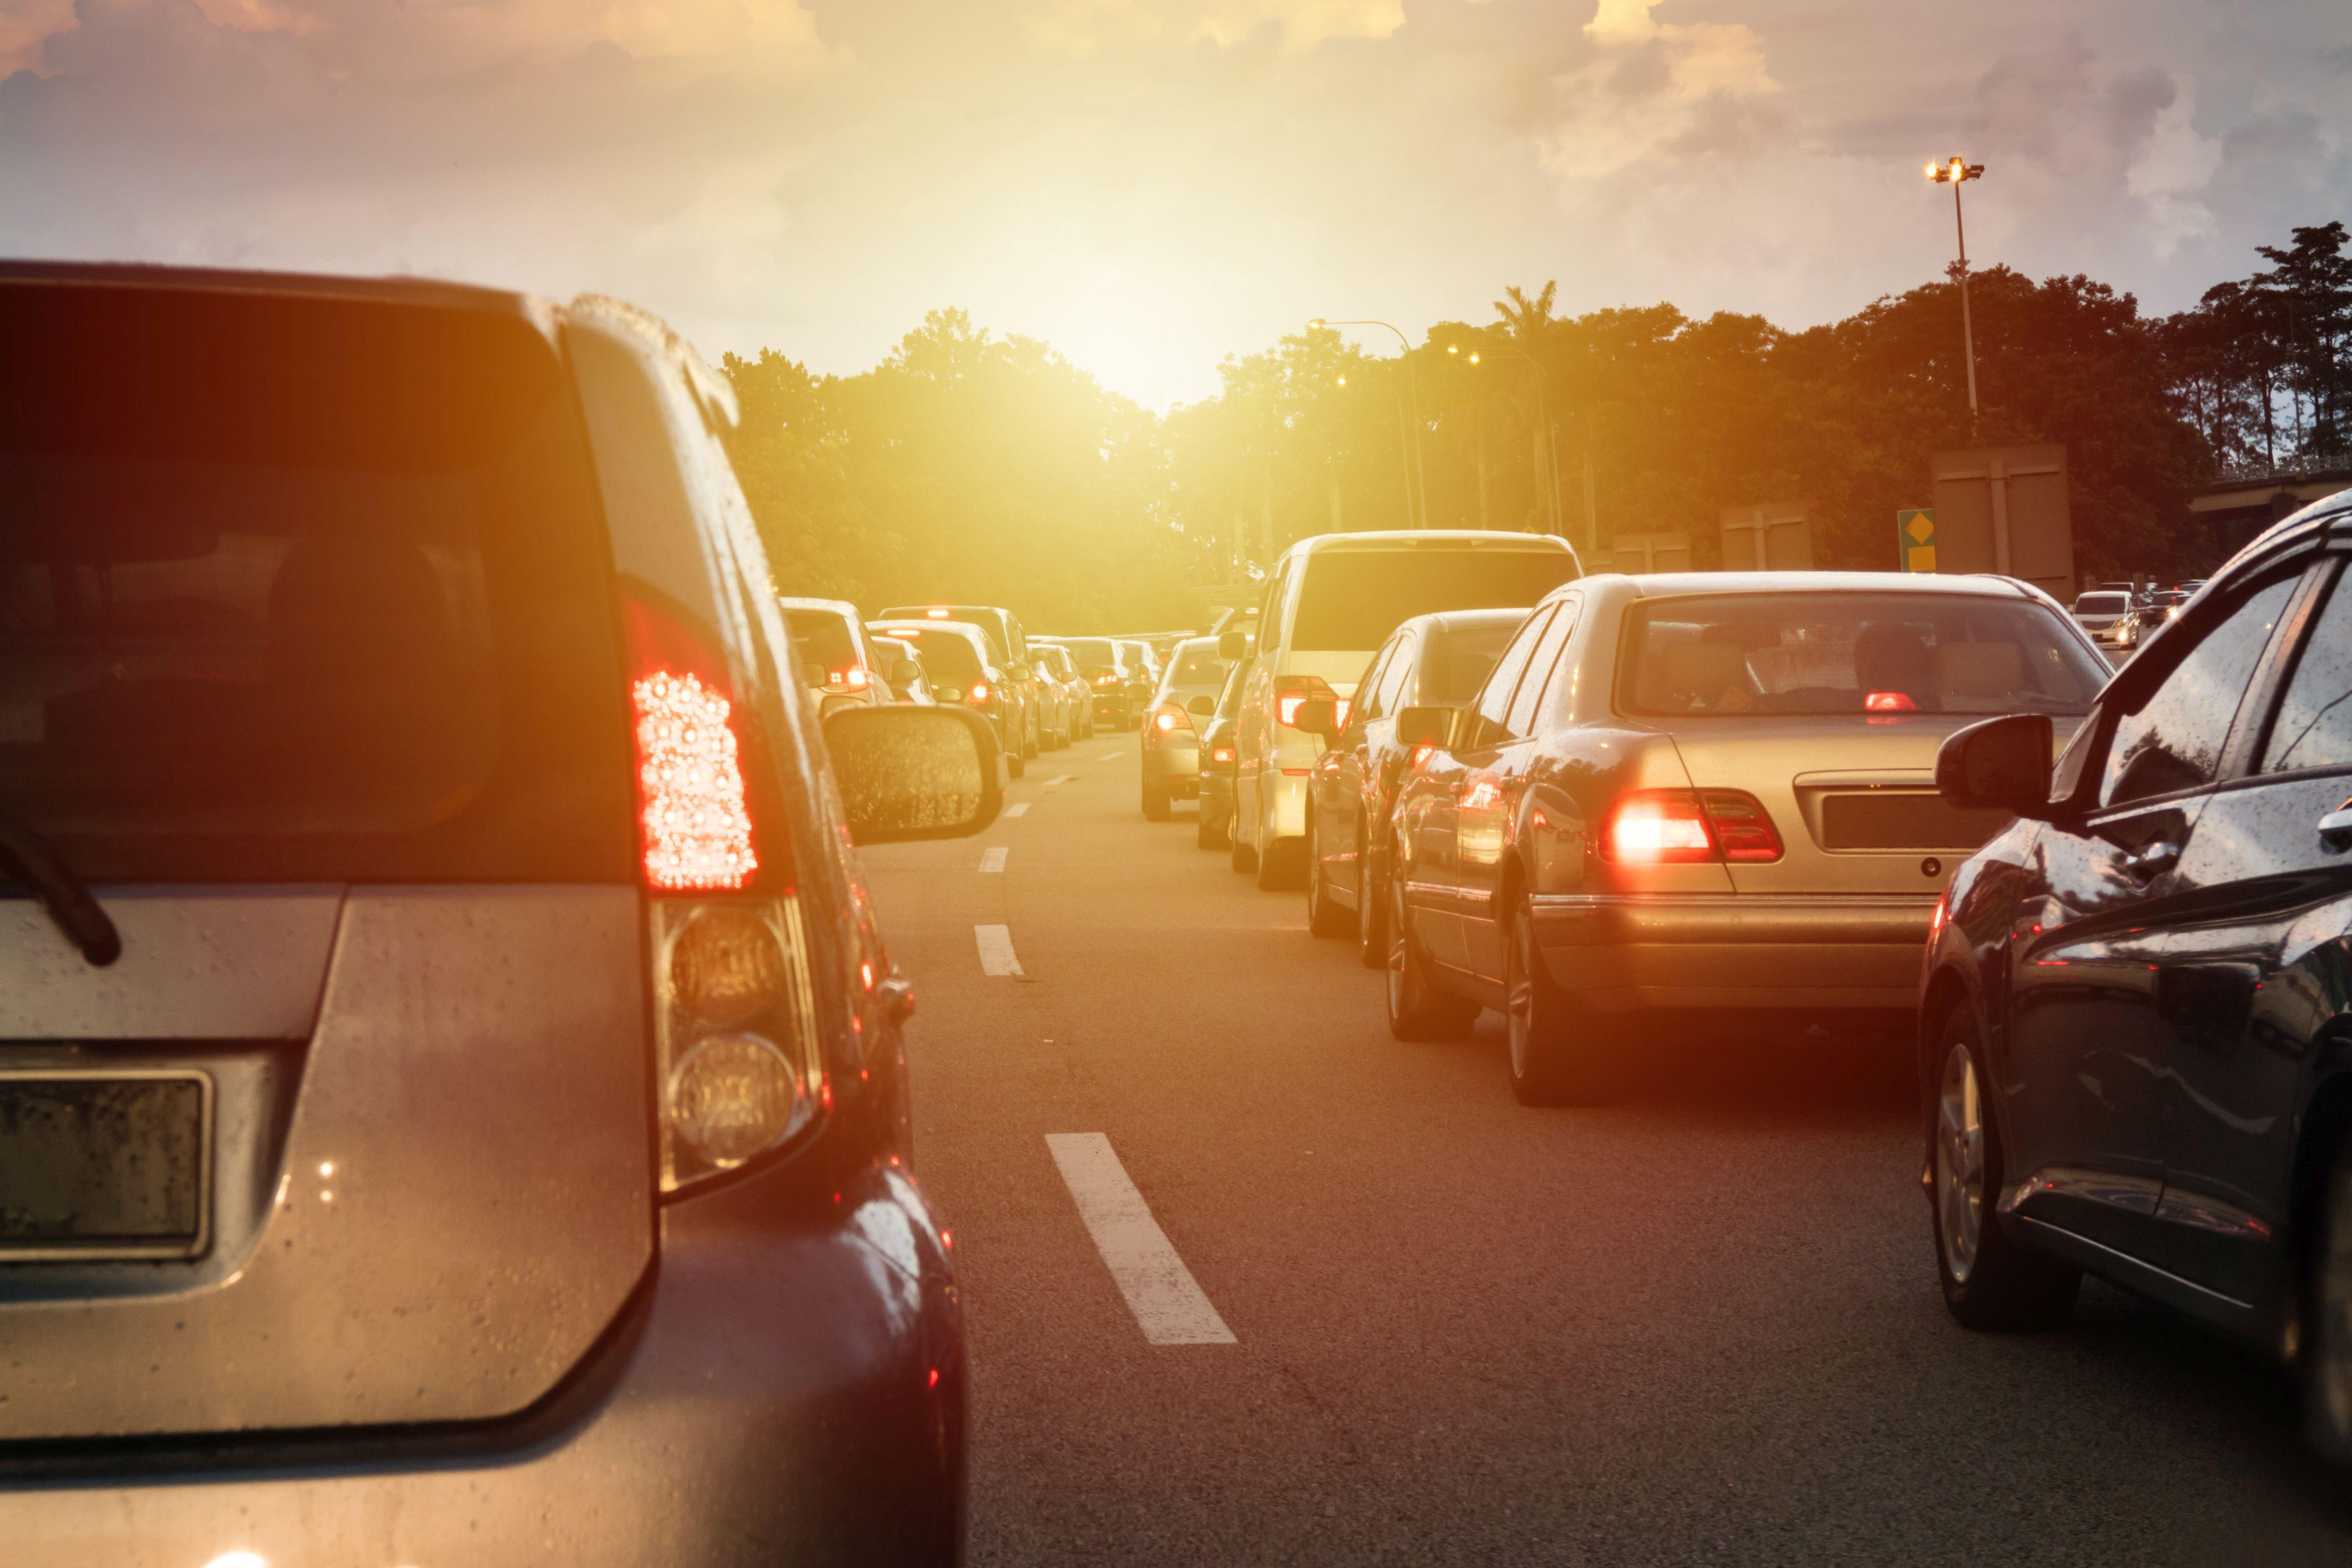 Topul oraşelor din Europa cu cel mai aglomerat trafic. Bucureştiul, campion în topul oraşelor europene după timpul petrecut în trafic